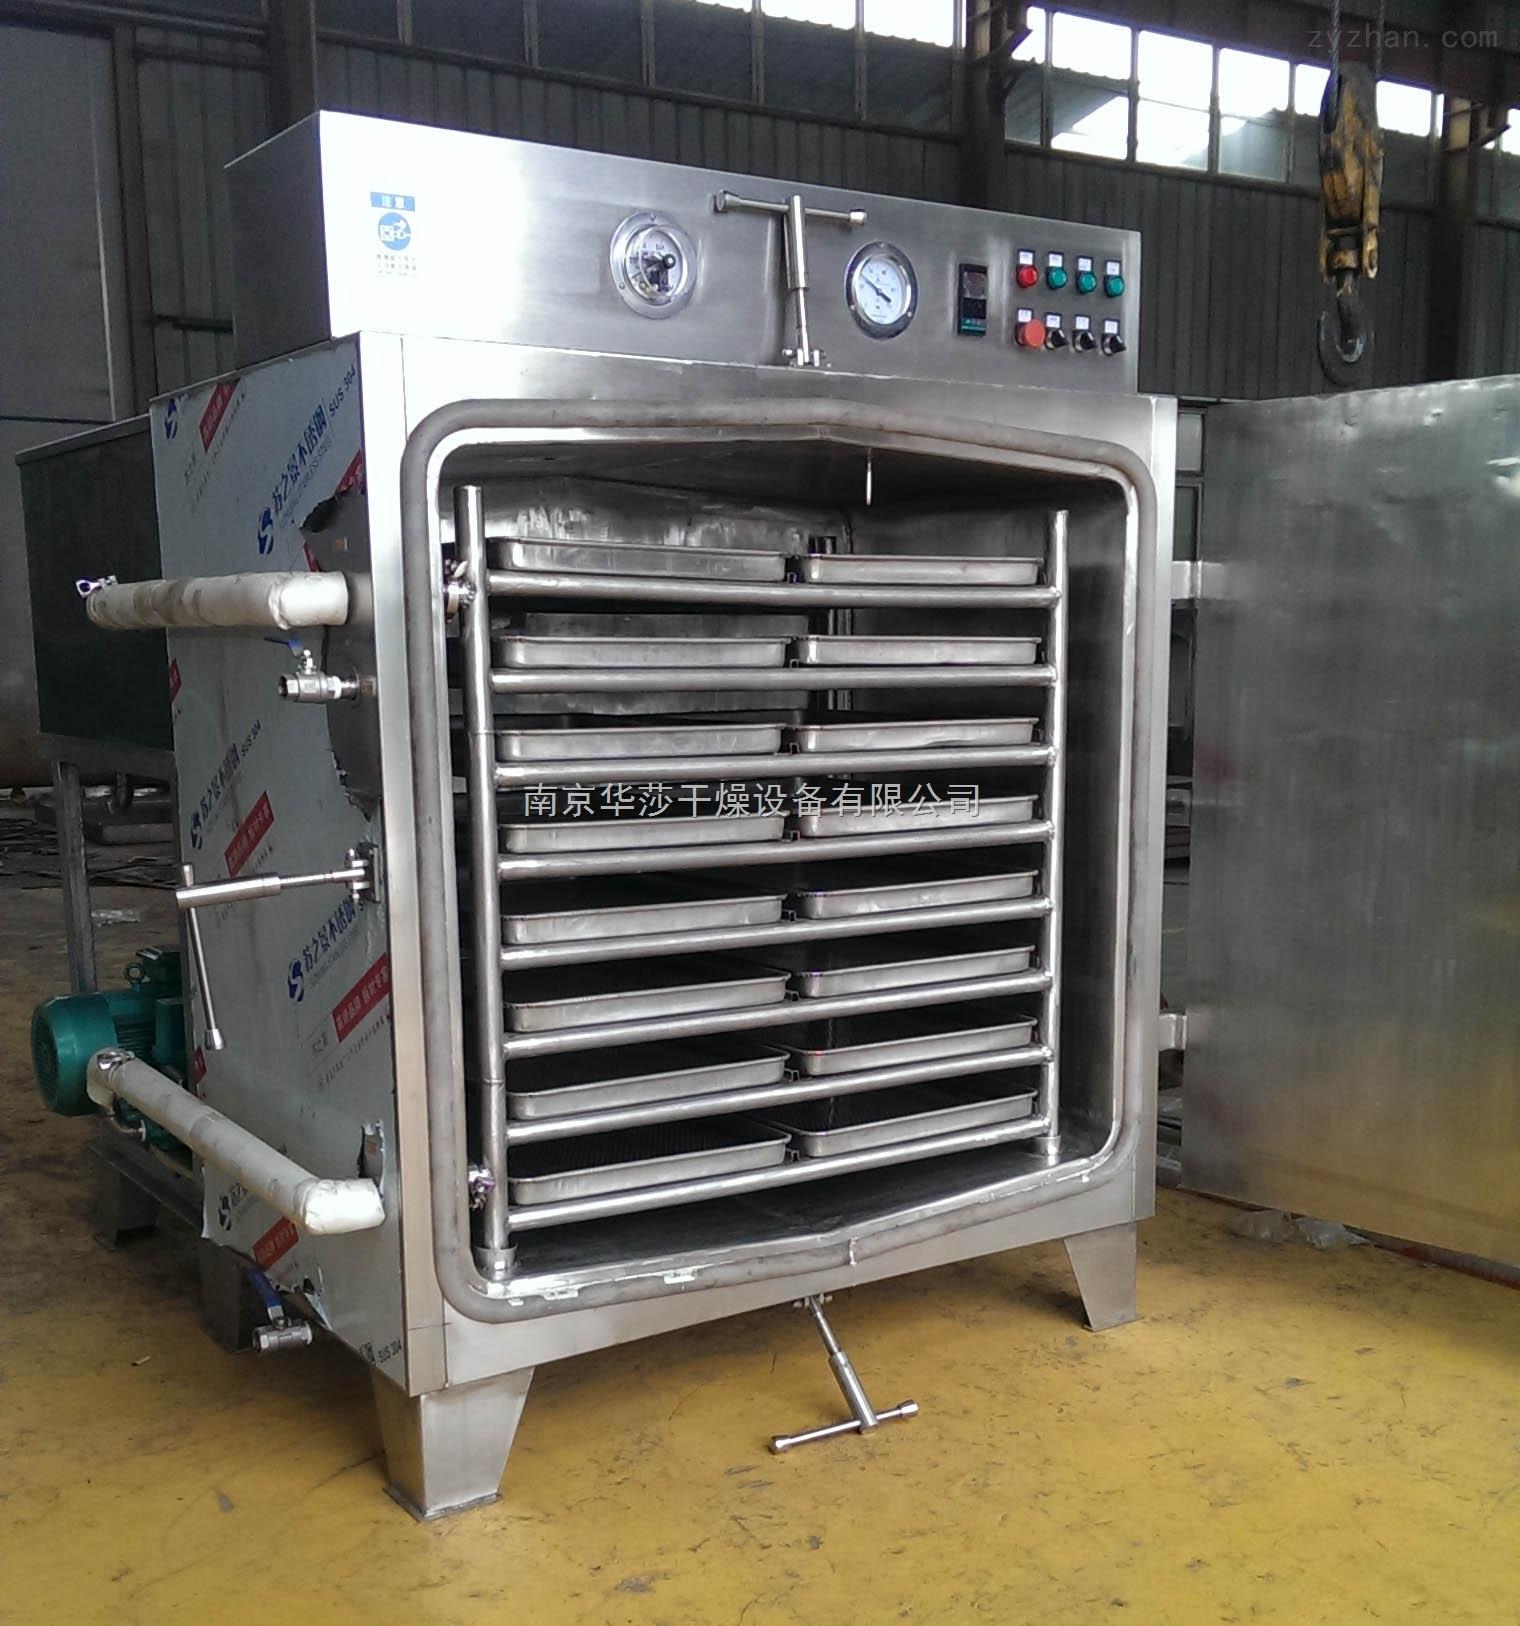 南京蒸汽加热真空干燥箱厂家产品概述 箱体里外全部采用304-2B制作,中间固定焊接加强筋,整体坚固牢靠,密封性能好,能在完全真空状态下达到干燥物料的目的。 南京蒸汽加热真空干燥箱厂家产品特点 1、水加热真空干燥箱、真空烘箱、真空干燥机、真空烘干设备可以轻松应用到热敏性物质,因为真空环境很大程度上降低了需要驱除的液体的沸点。 2、水加热真空干燥箱、真空烘箱、真空干燥机、真空烘干设备利用效率较高,对于不容易干燥的样品,比如粉末或其他颗粒状样品,使用真空干燥法可以减少干燥时间; 3、适用于各种构造复杂的机械部件